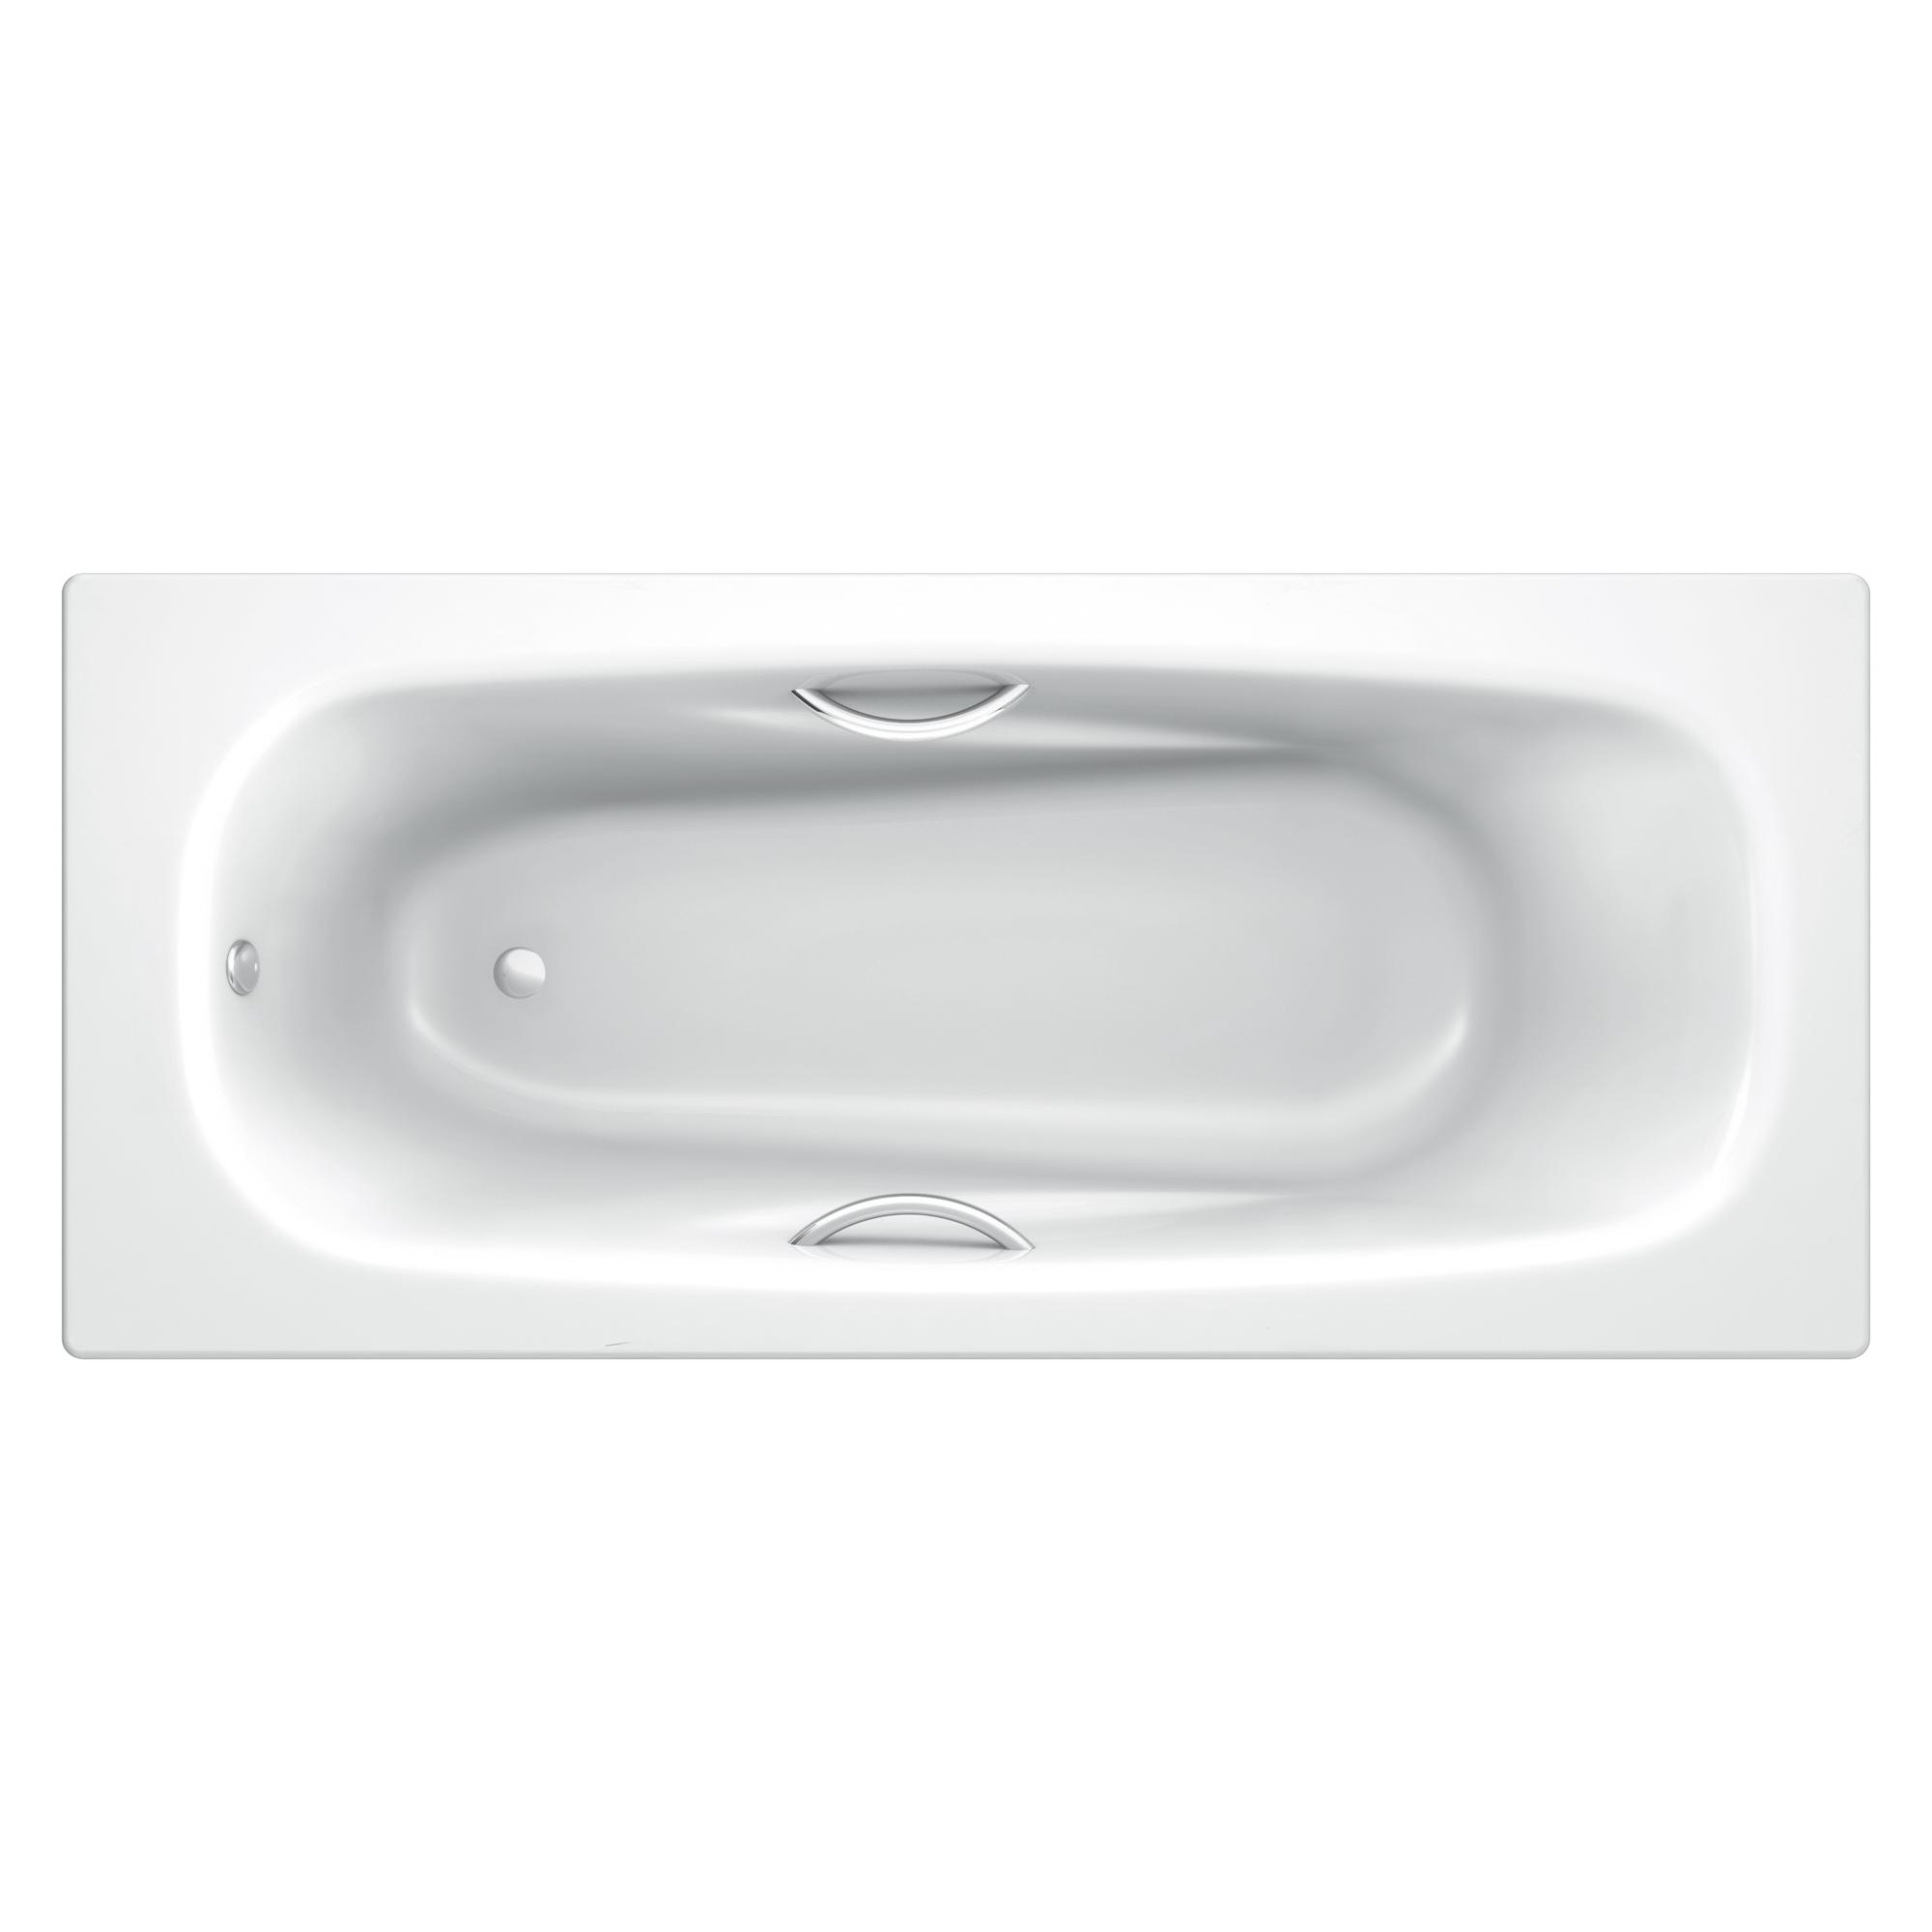 Стальная ванна Koller Pool Deline 160х75 с отв под ручки ванна стальная виз antika 170x70x40 с ножками с рантом a 70001